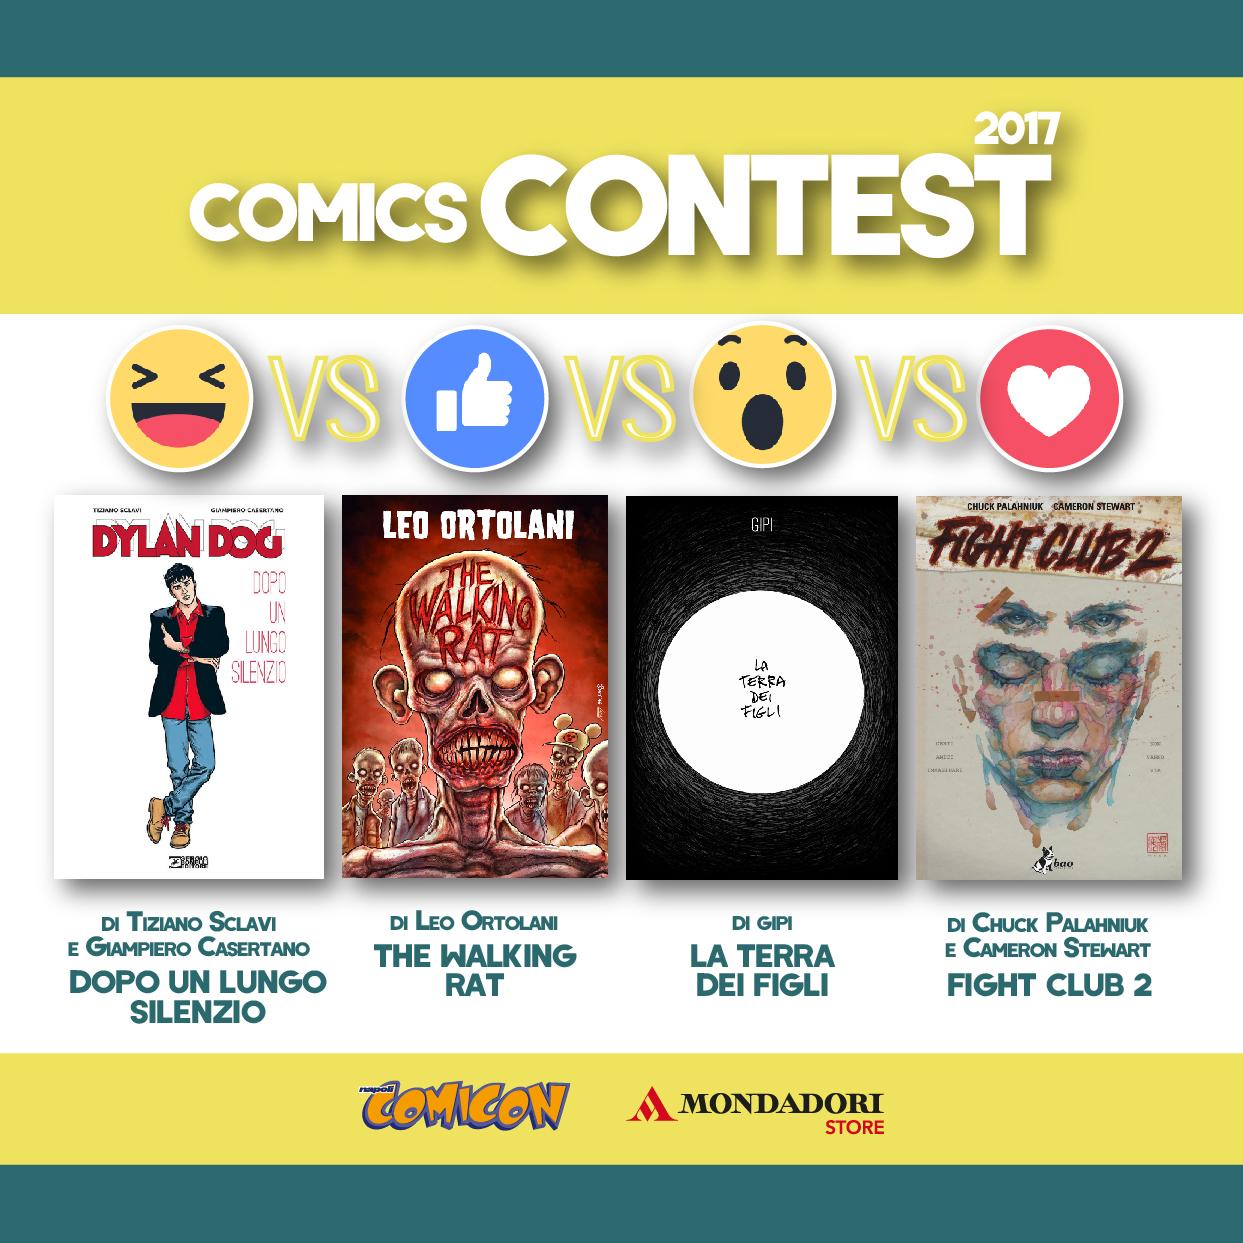 Scegli il fumetto migliore del 2016 con Comicon e Mondadori Store